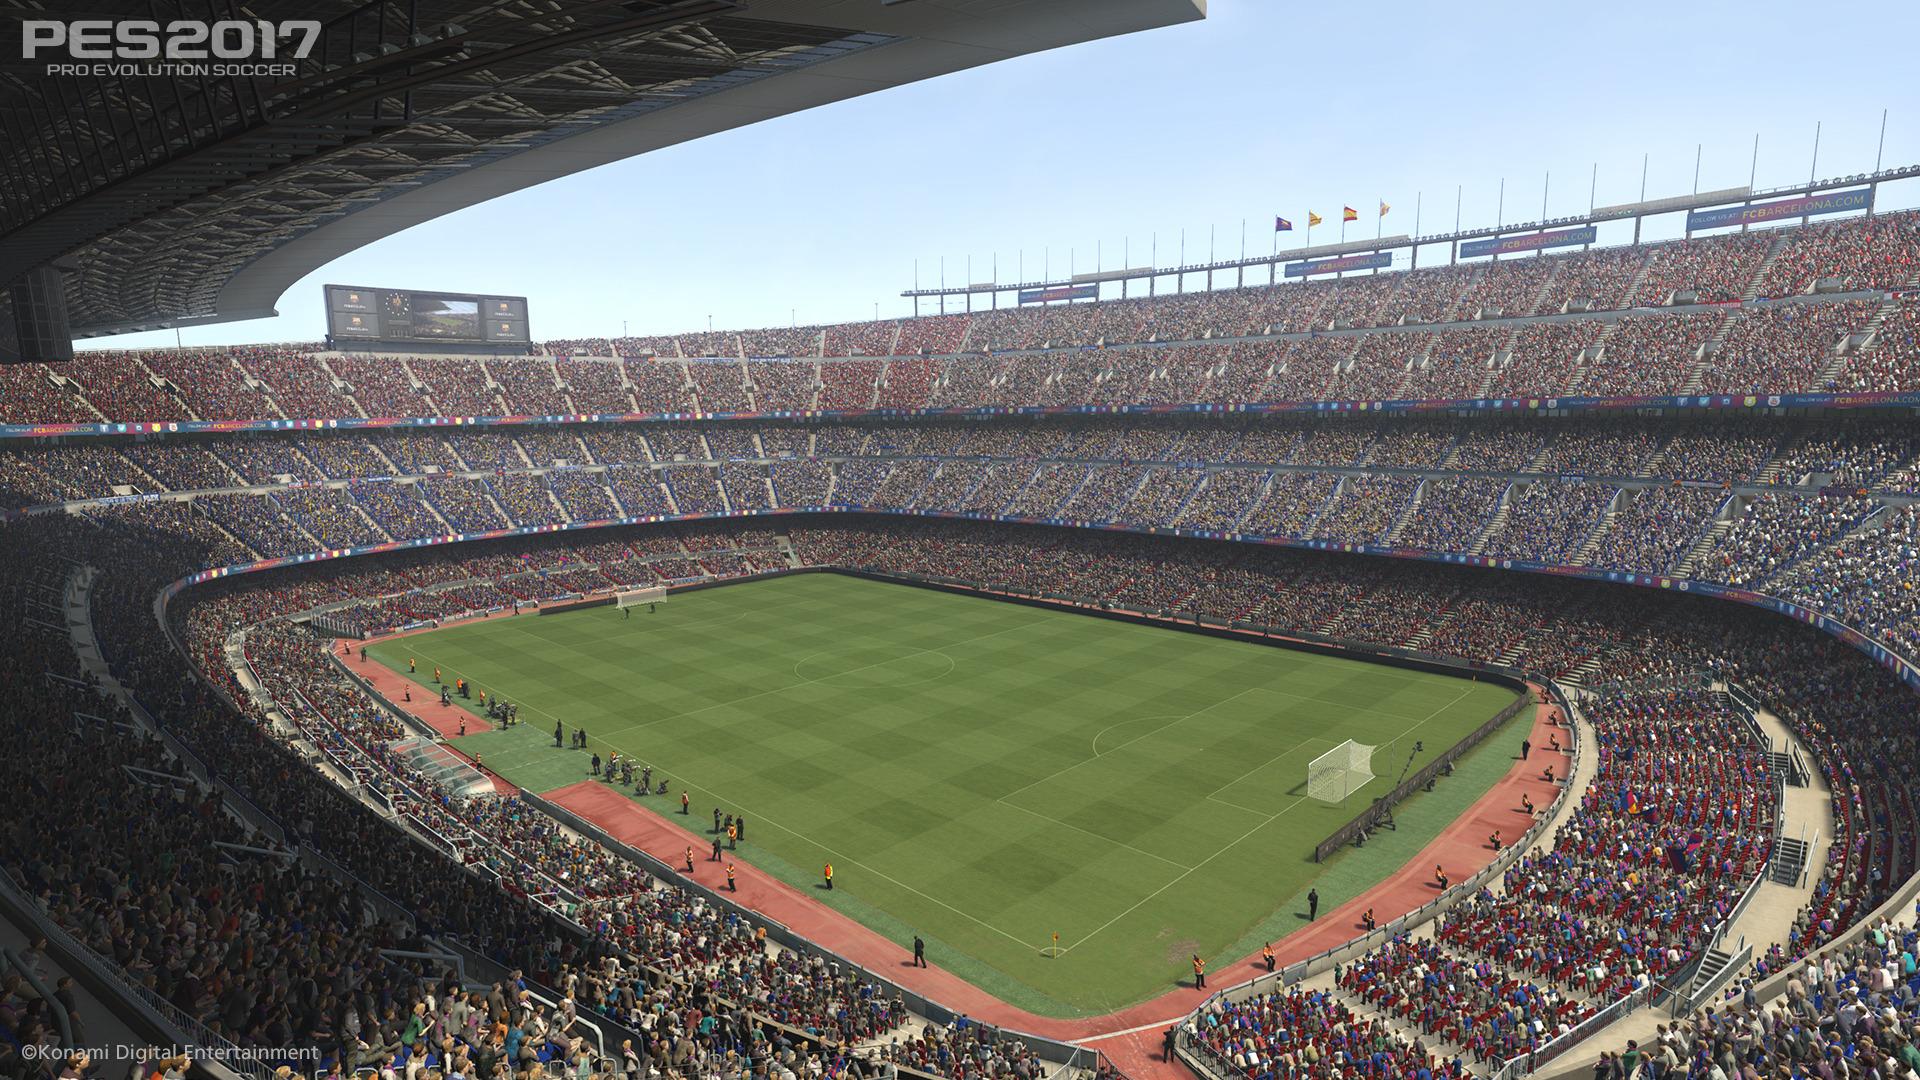 Hráči Barcelony hvězdami PES 2017 127692